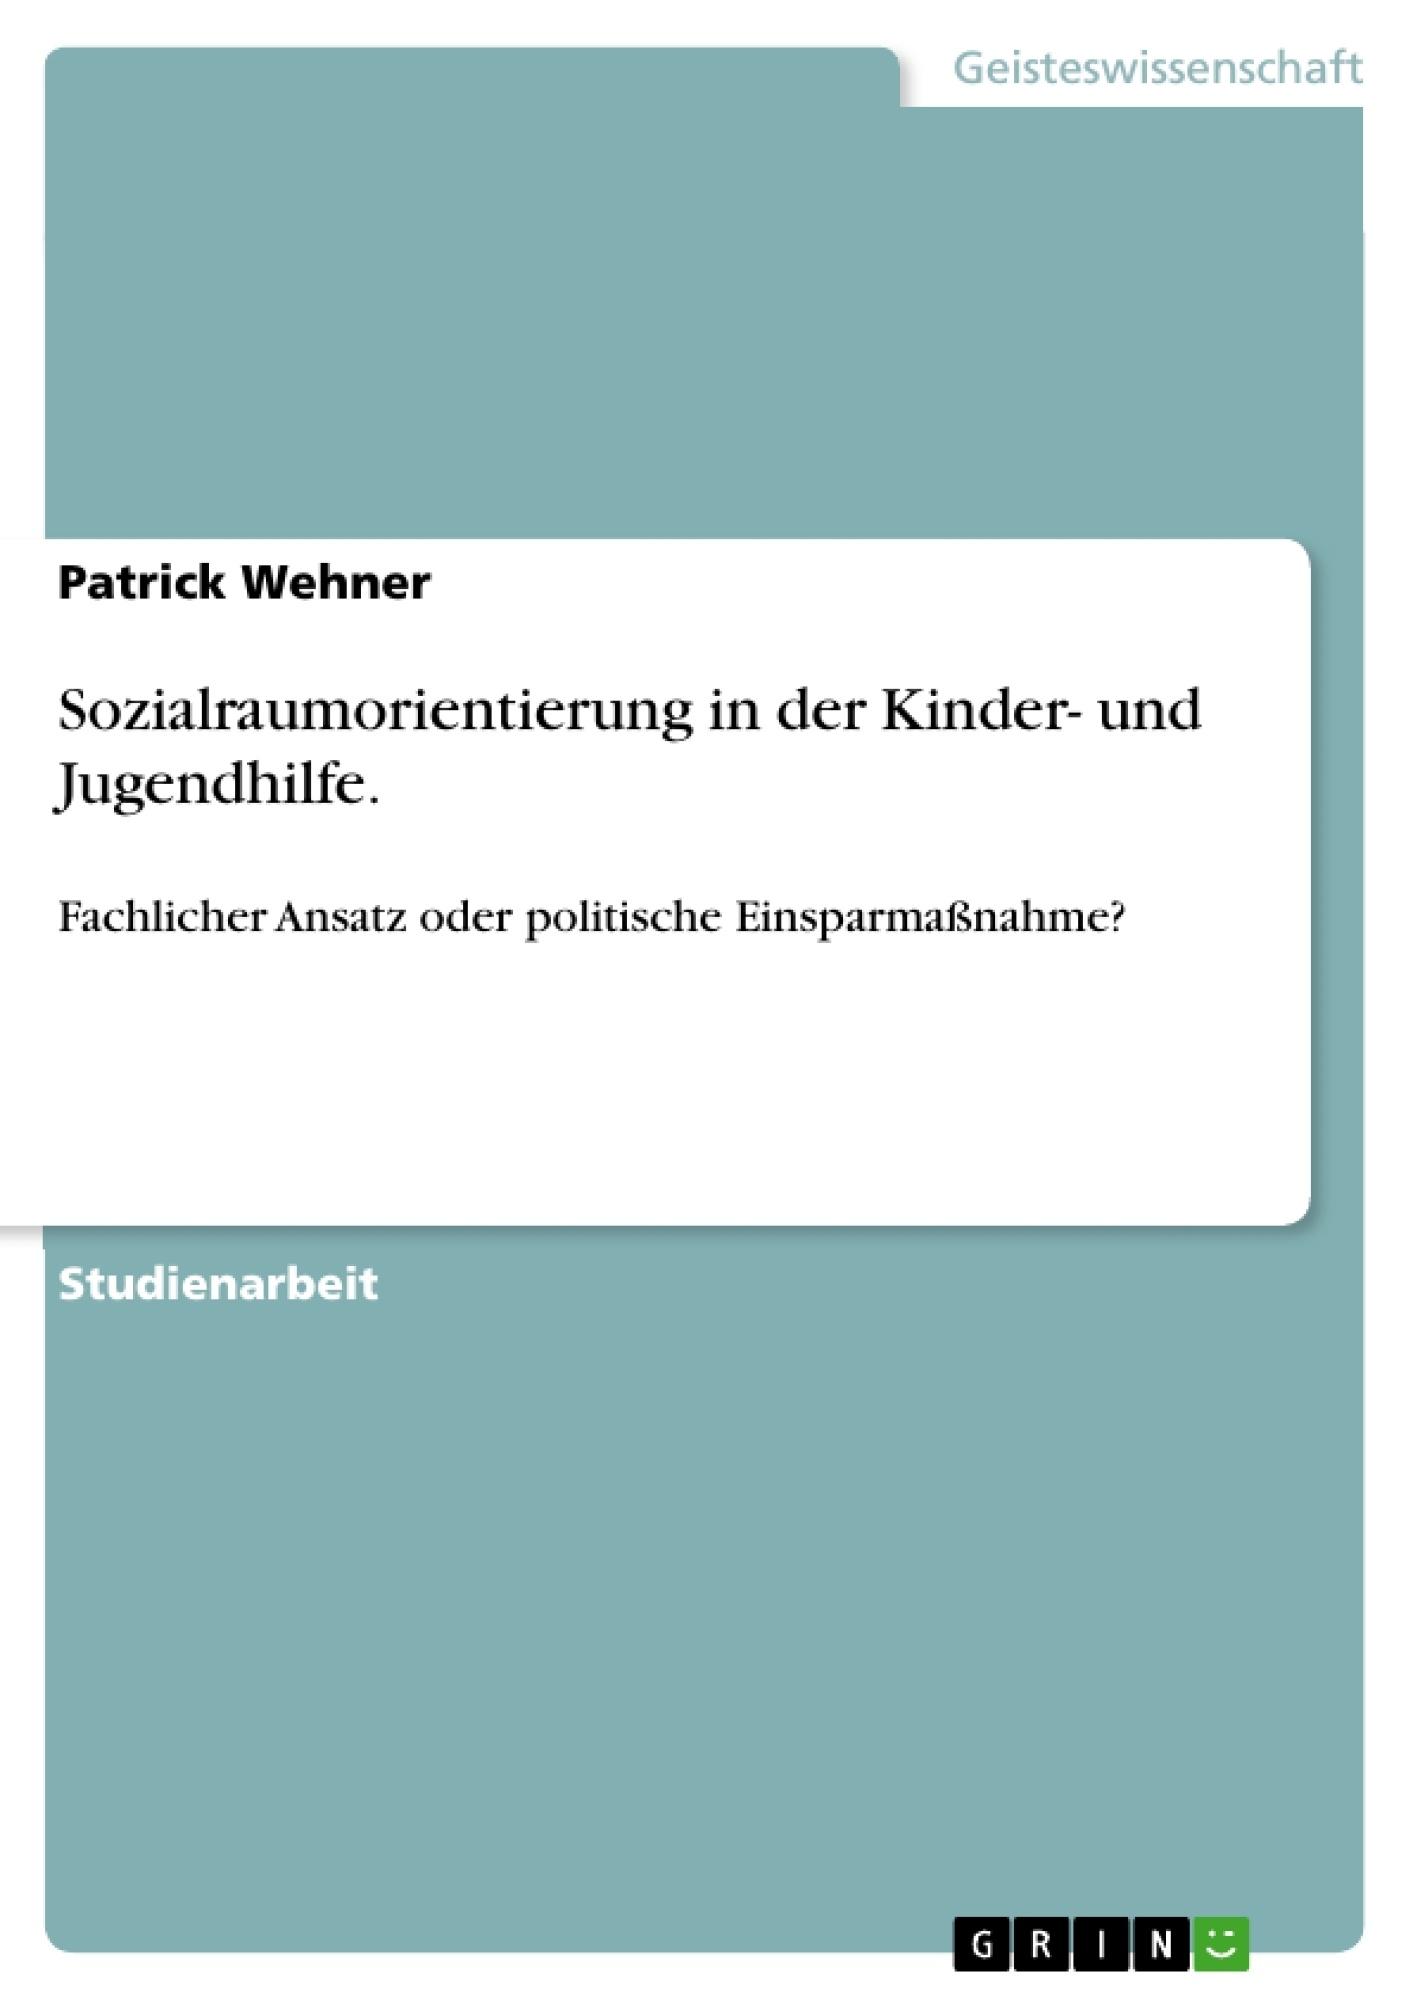 Titel: Sozialraumorientierung in der Kinder- und Jugendhilfe.